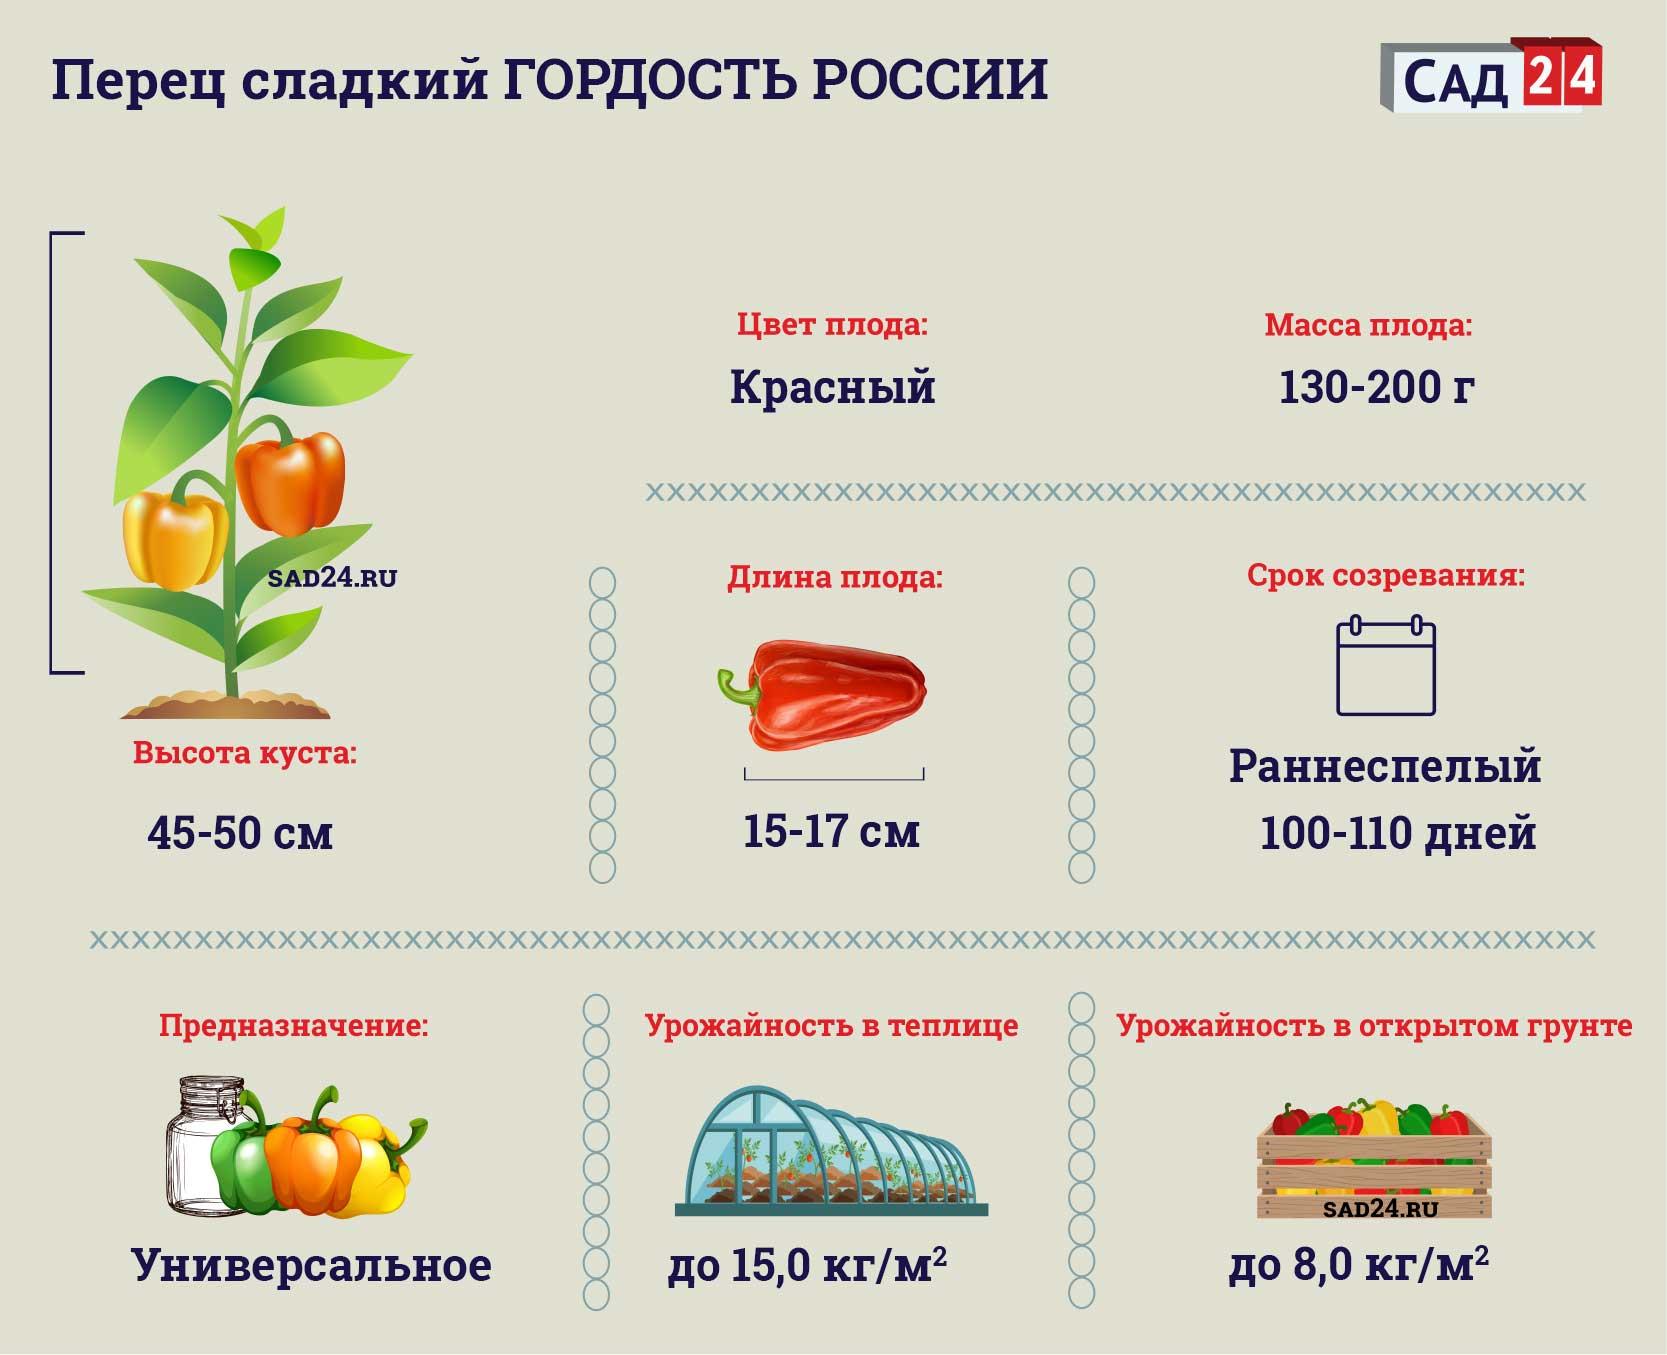 Перец сладкий Гордость России. Описание, негативные и позитивные качества, правила выращивания - наш ответ